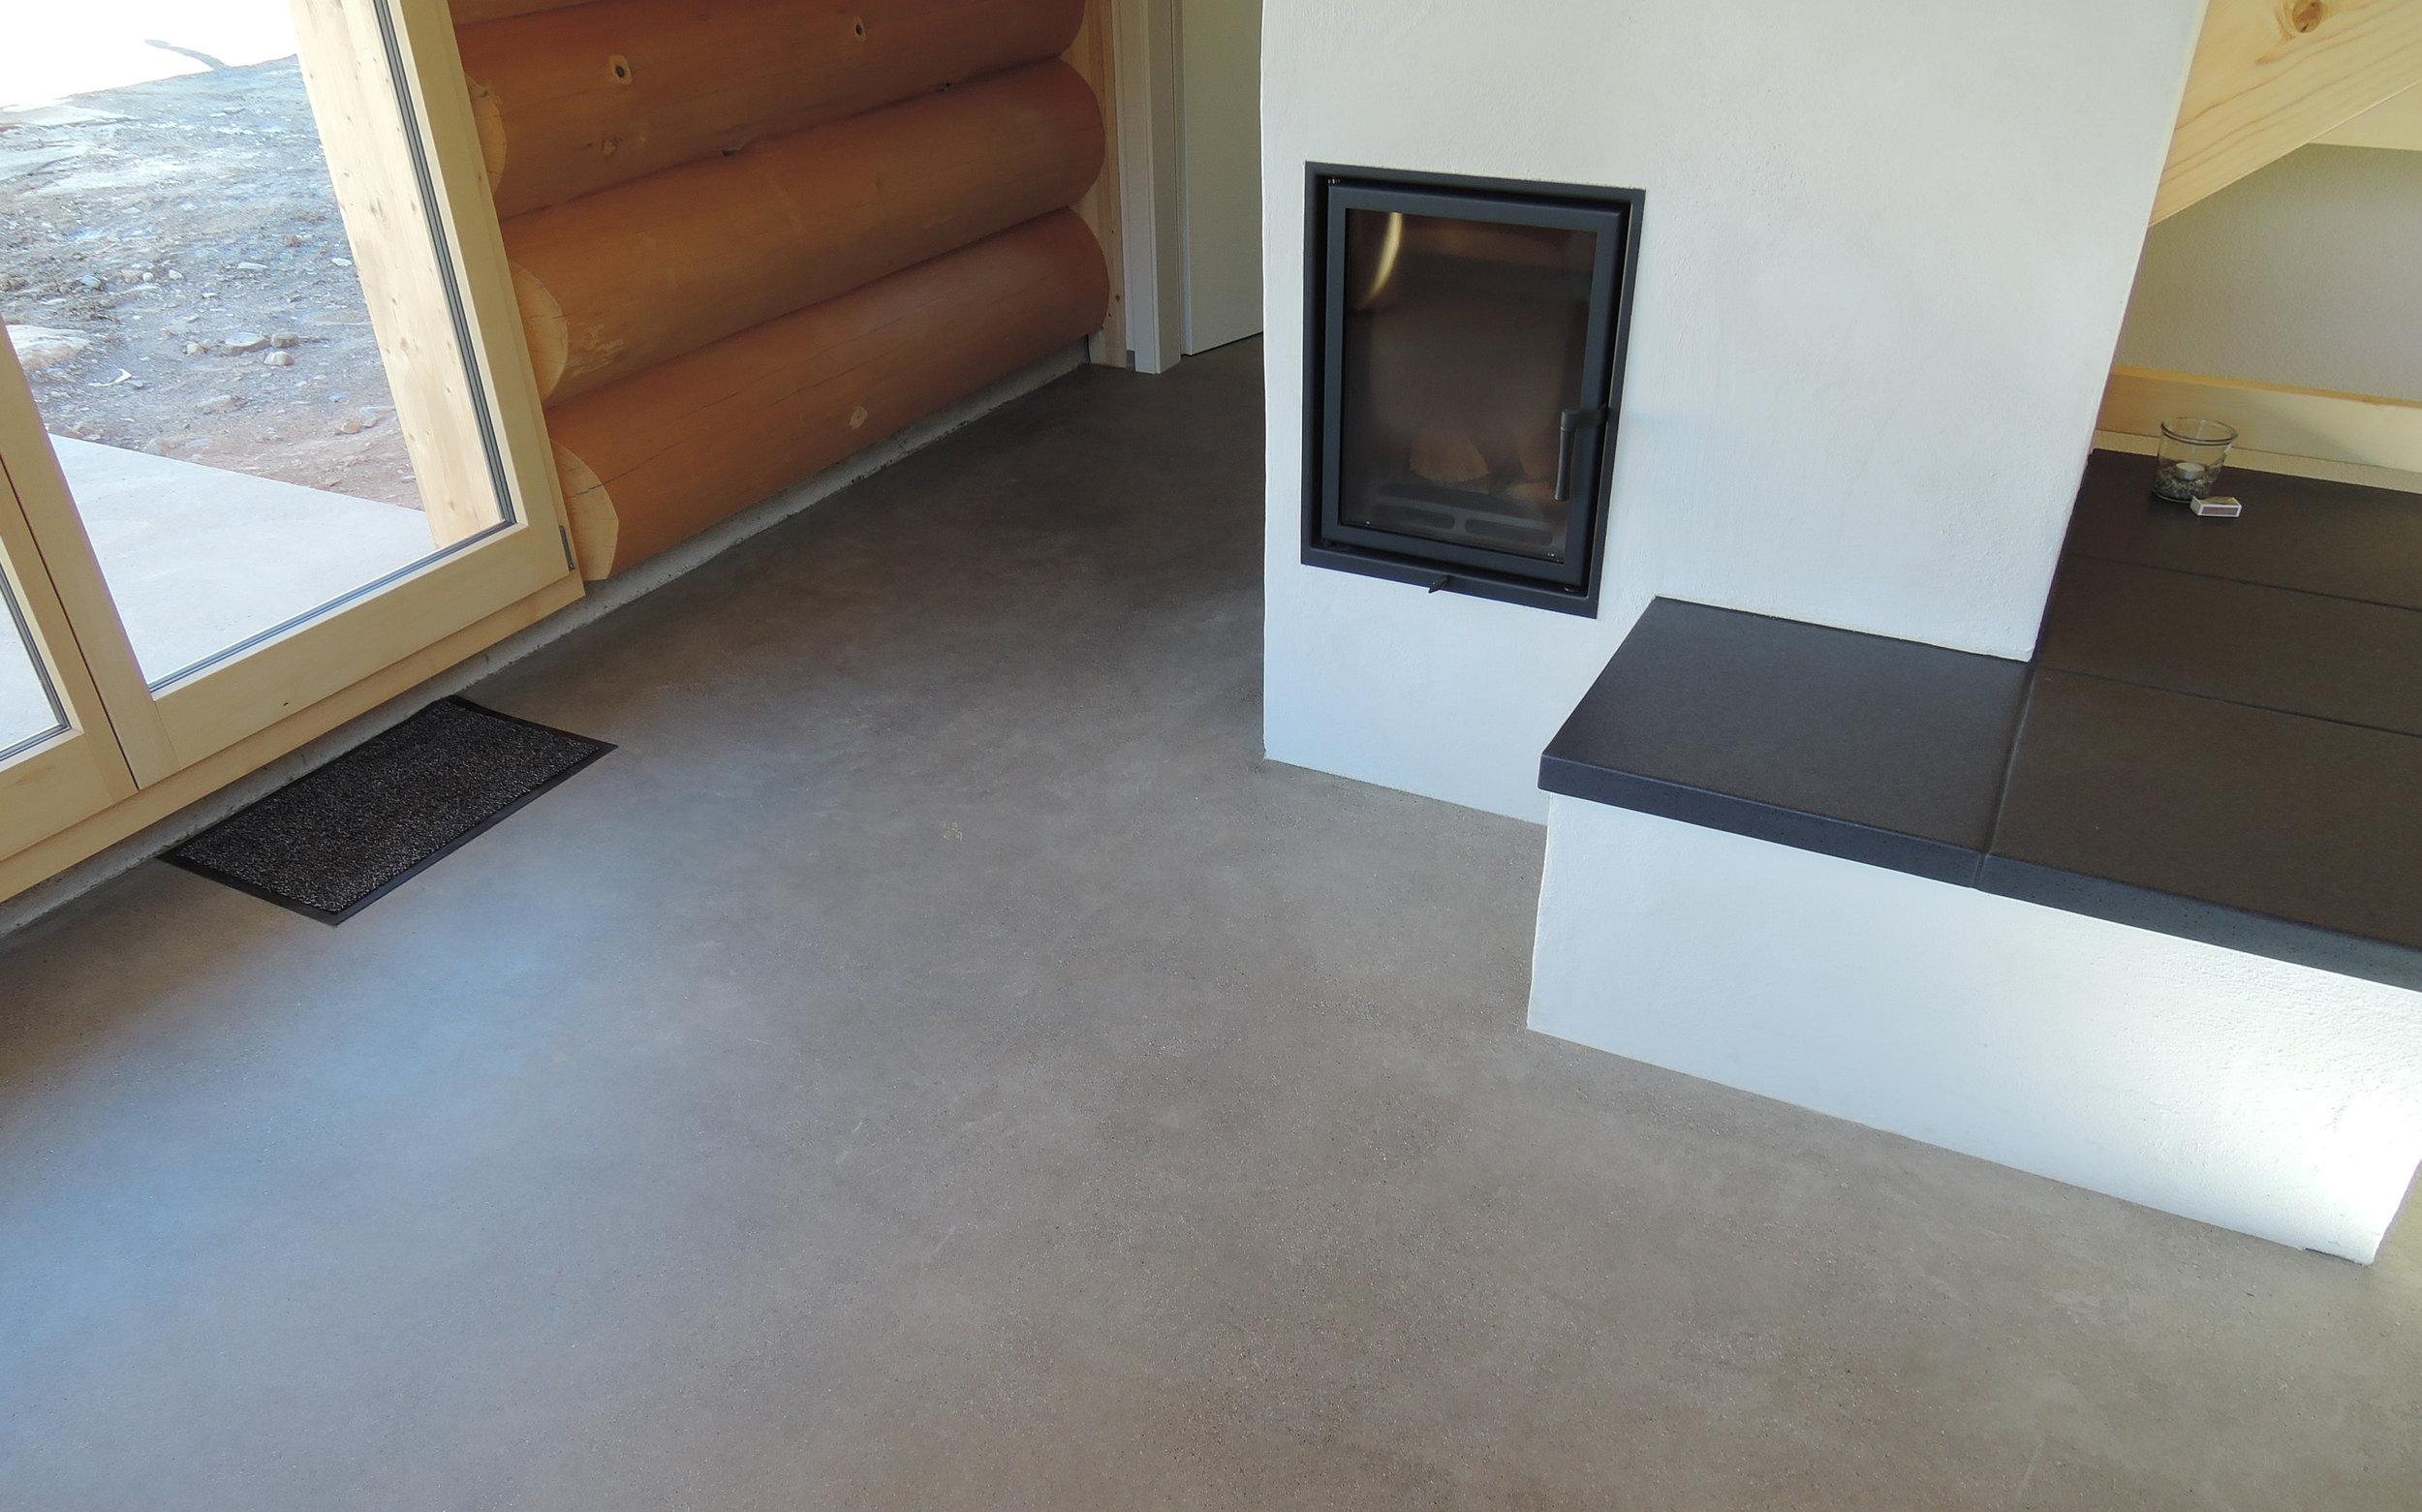 Betonboden-im-Wohnbereich-schleifen-und-versiegeln-2.JPG